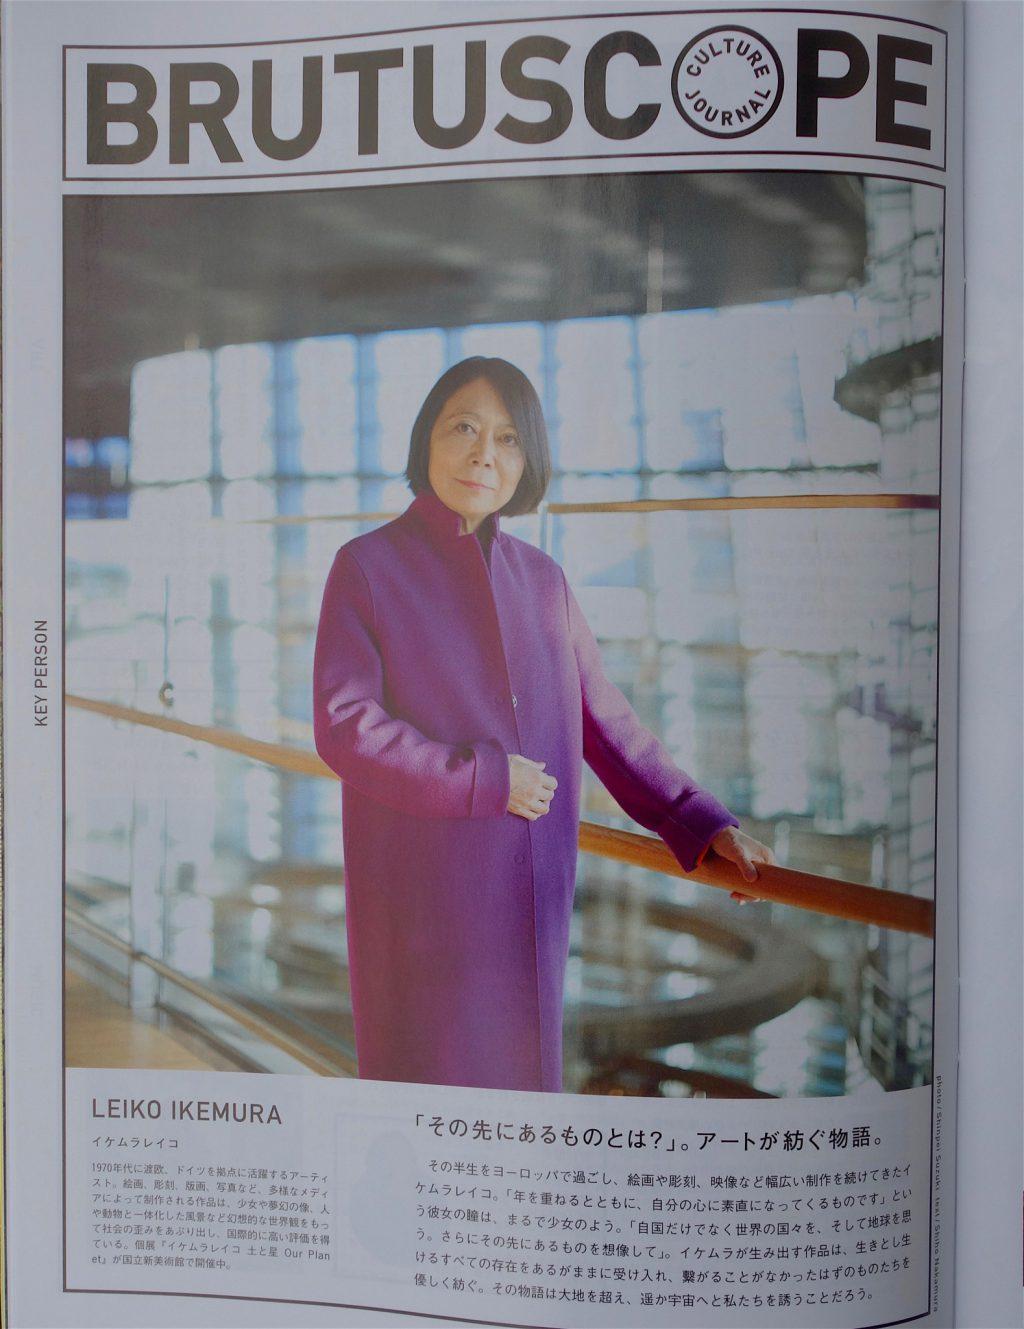 イケムラレイコ IKEMURA Leiko @ BRUTUS Magazine 2019:2:15. page 105-6